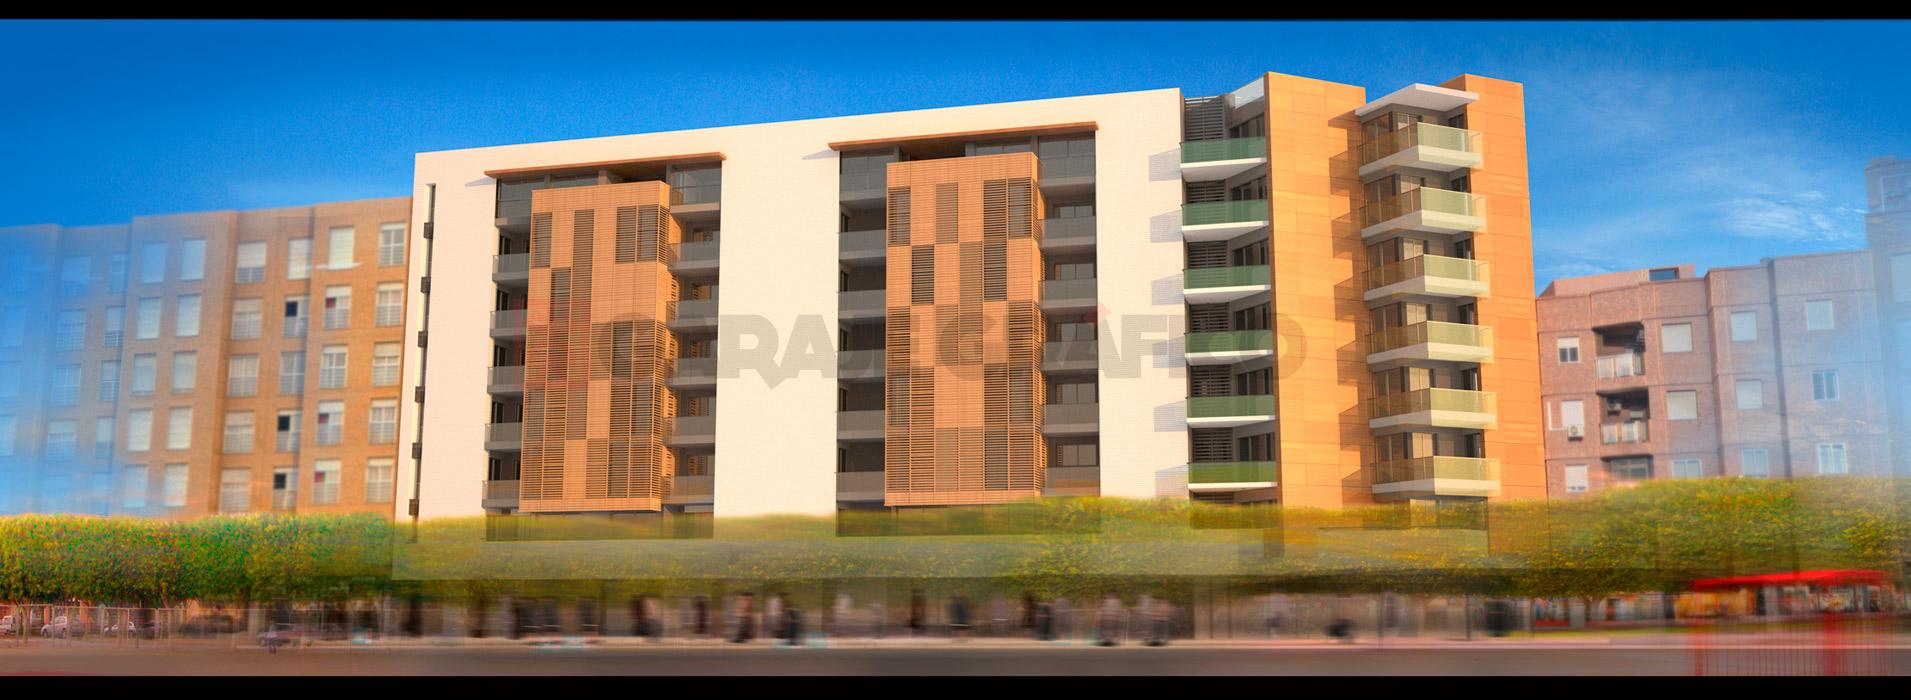 exteriores 3d infografia almeria